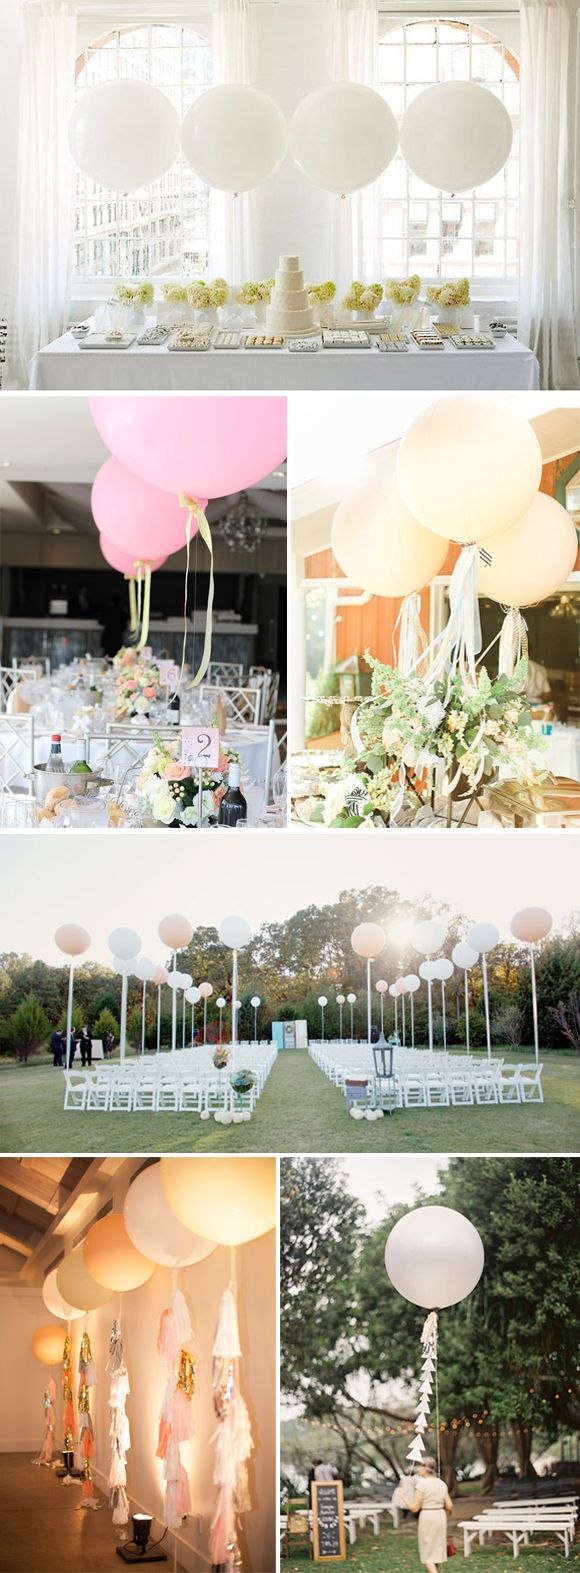 M s de 25 ideas incre bles sobre globos gigantes en - Ideas para bodas espectaculares ...